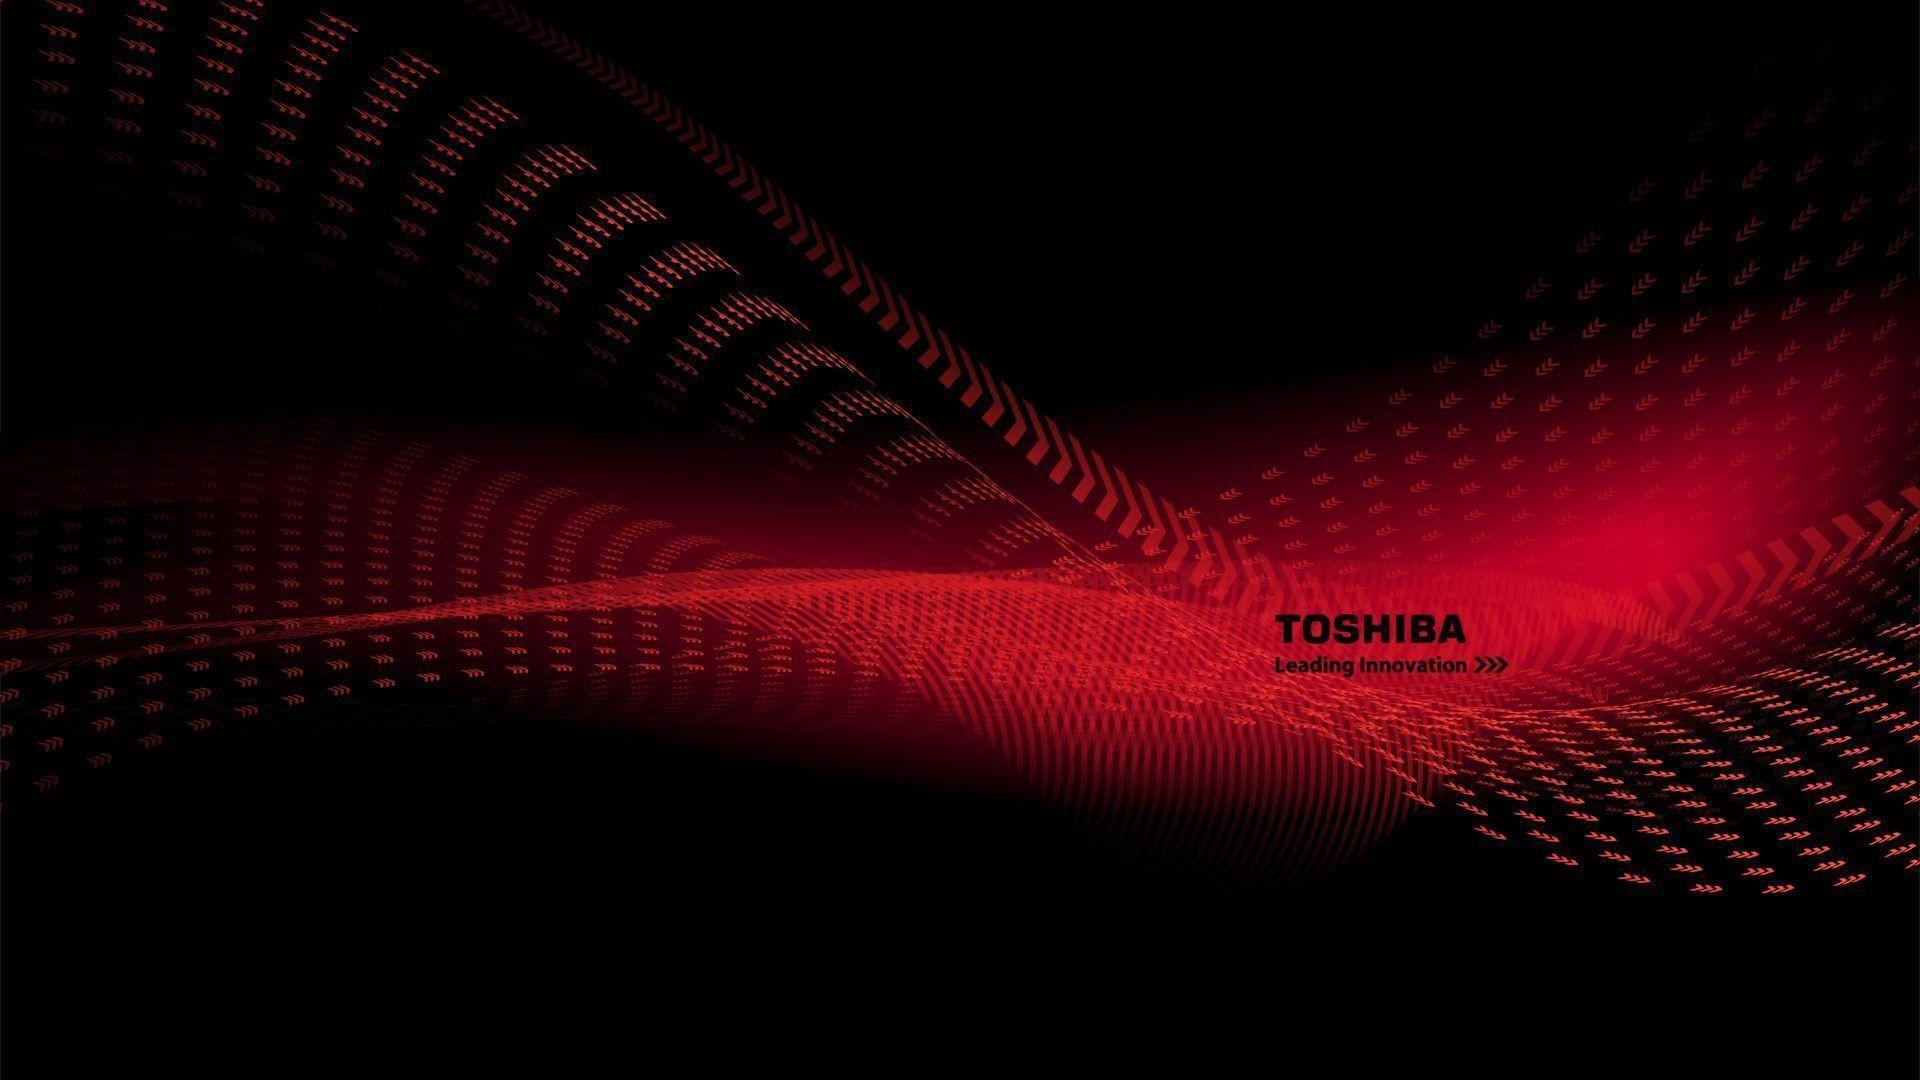 Toshiba Wallpapers